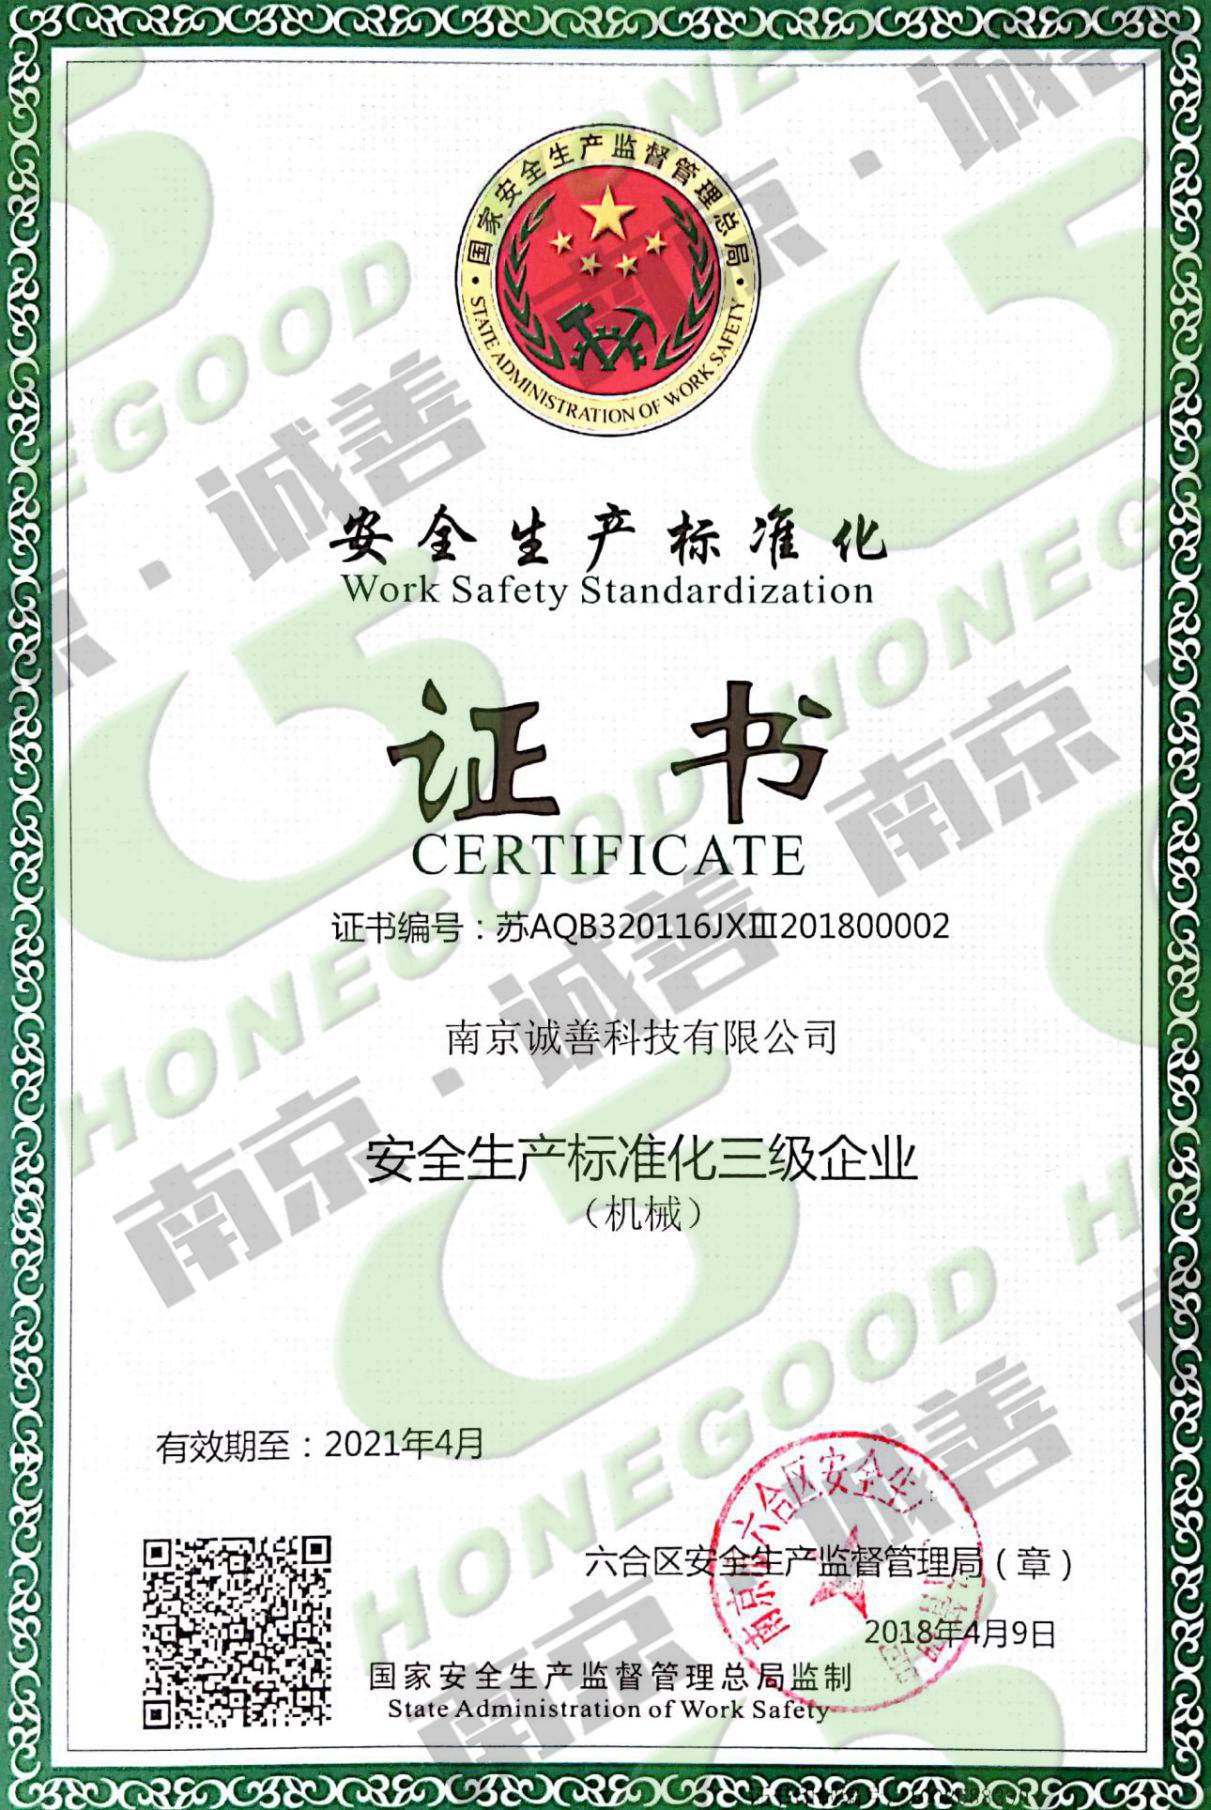 安全生产标准化证书<br/>